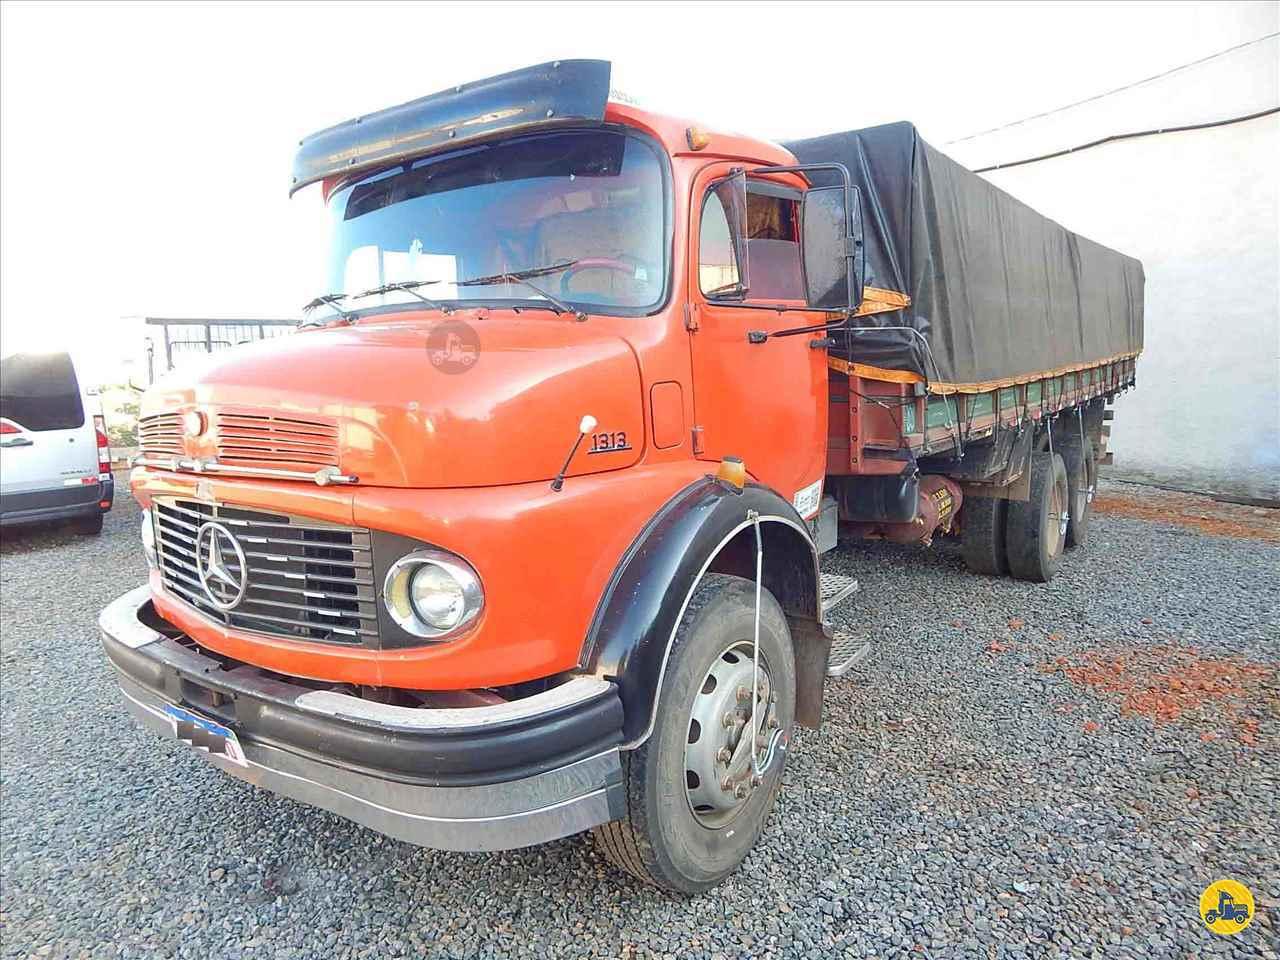 CAMINHAO MERCEDES-BENZ MB 1313 Chassis Truck 6x2 Guirro Automóveis Multimarcas SAO JOSE DO RIO PARDO SÃO PAULO SP